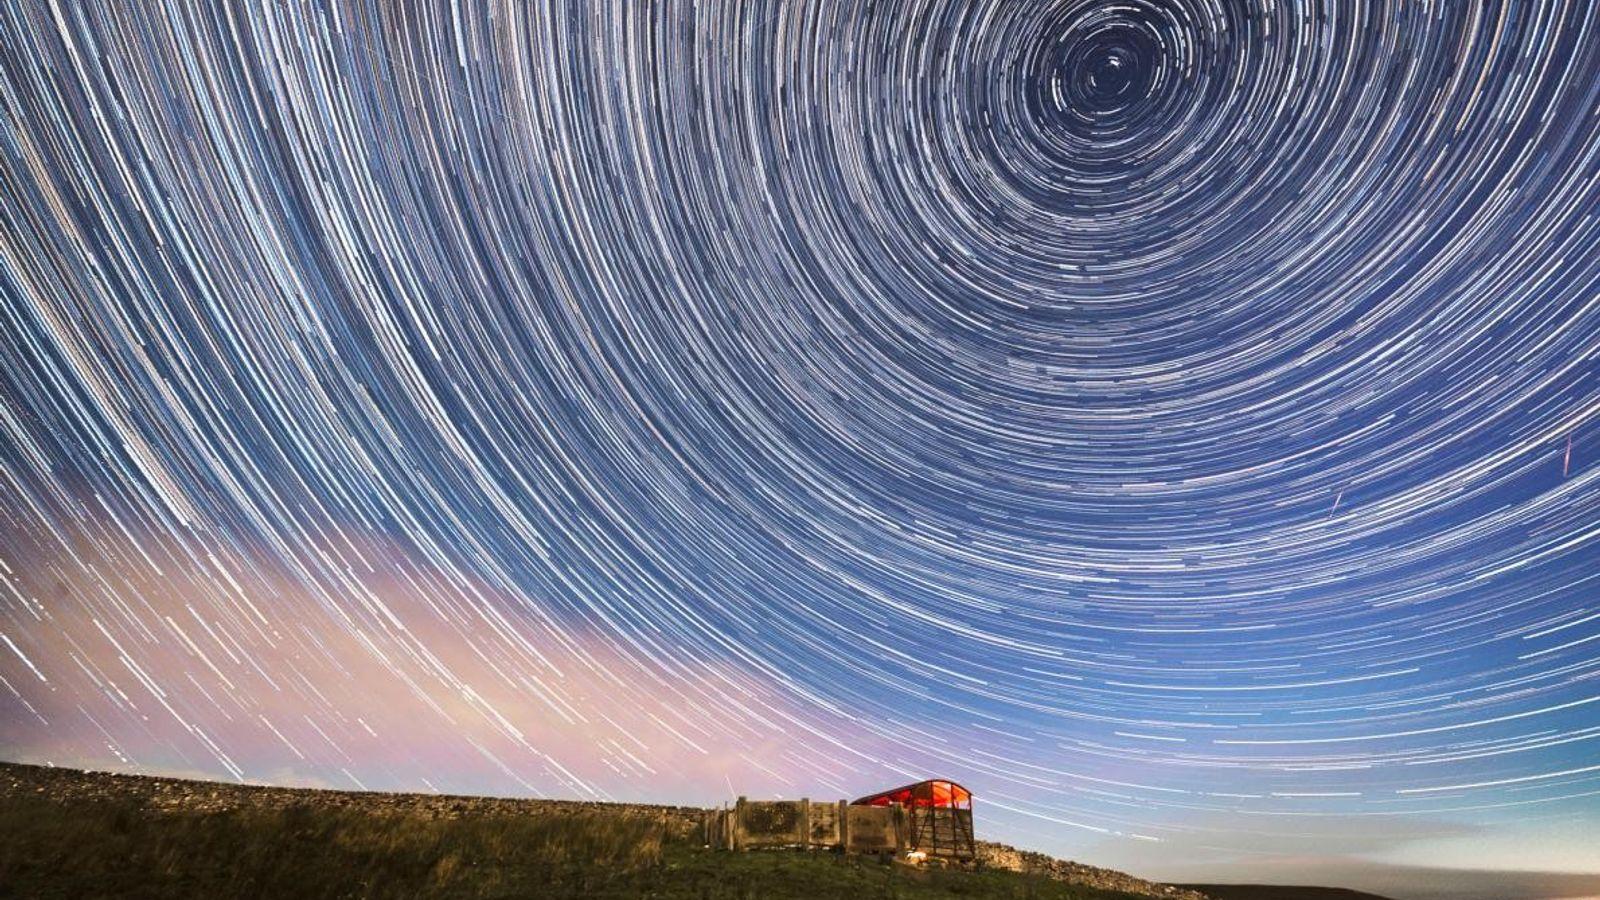 Ein zusammengesetztes Bild zeigt ein paar Sternschnuppen der Perseiden, die durch die kreisförmigen Bahnen der Sterne ...